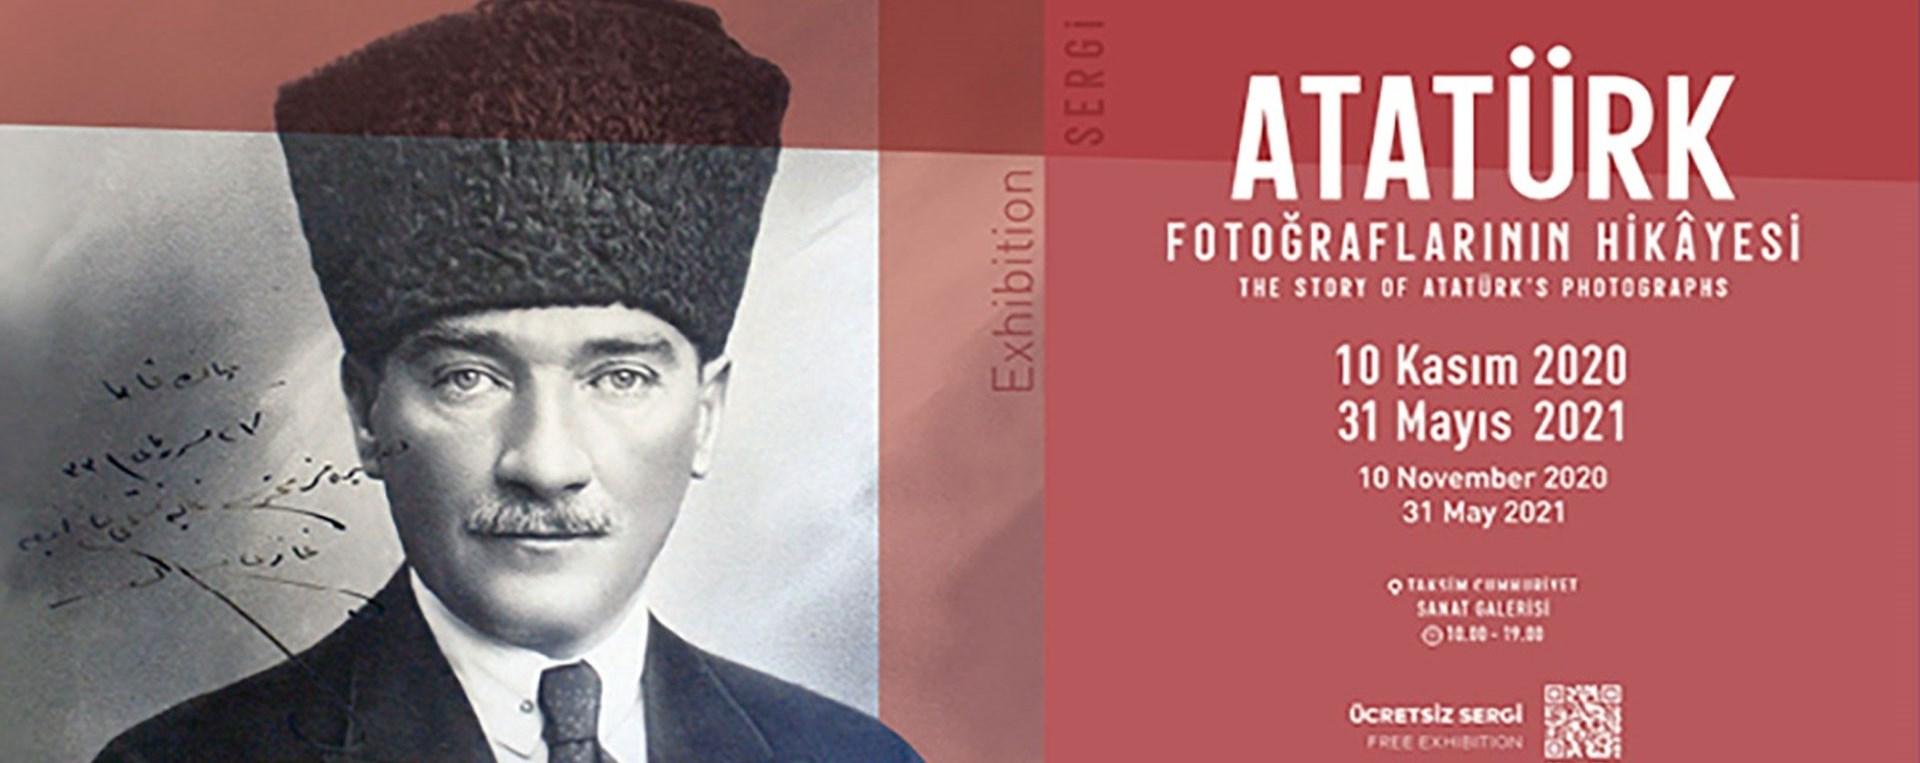 ATATÜRK FOTOĞRAFLARININ HİKÂYESİ